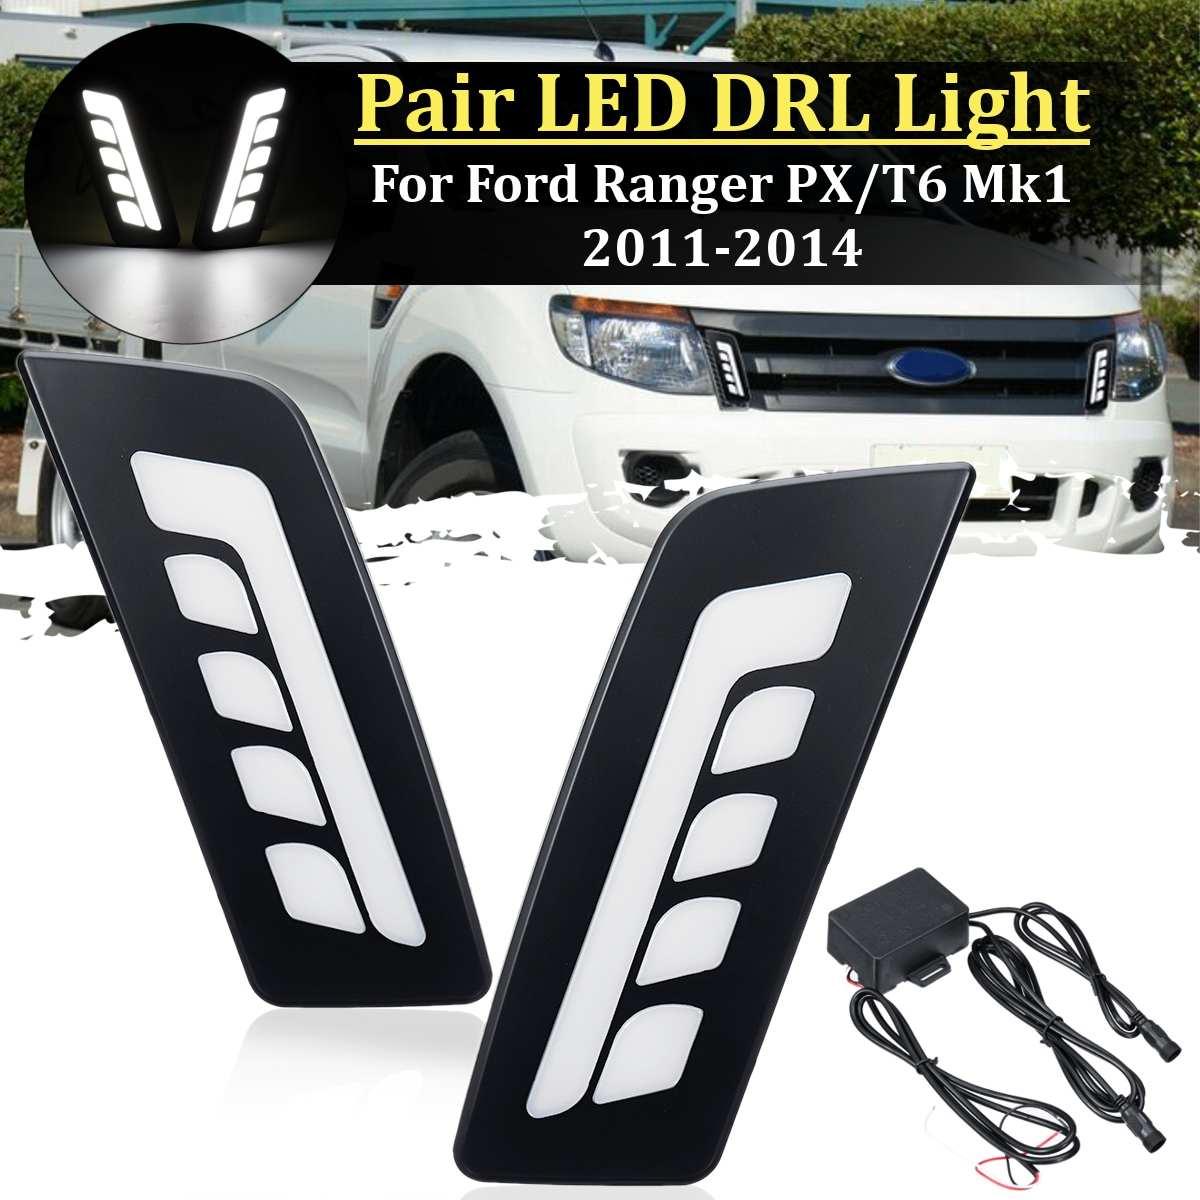 Car  Led Drl For Ford Ranger PX/T6 Mk1 2011-2014 Daytime Running Light Front Bumper Driving Fog Lamp Daylight Headlight  Styling